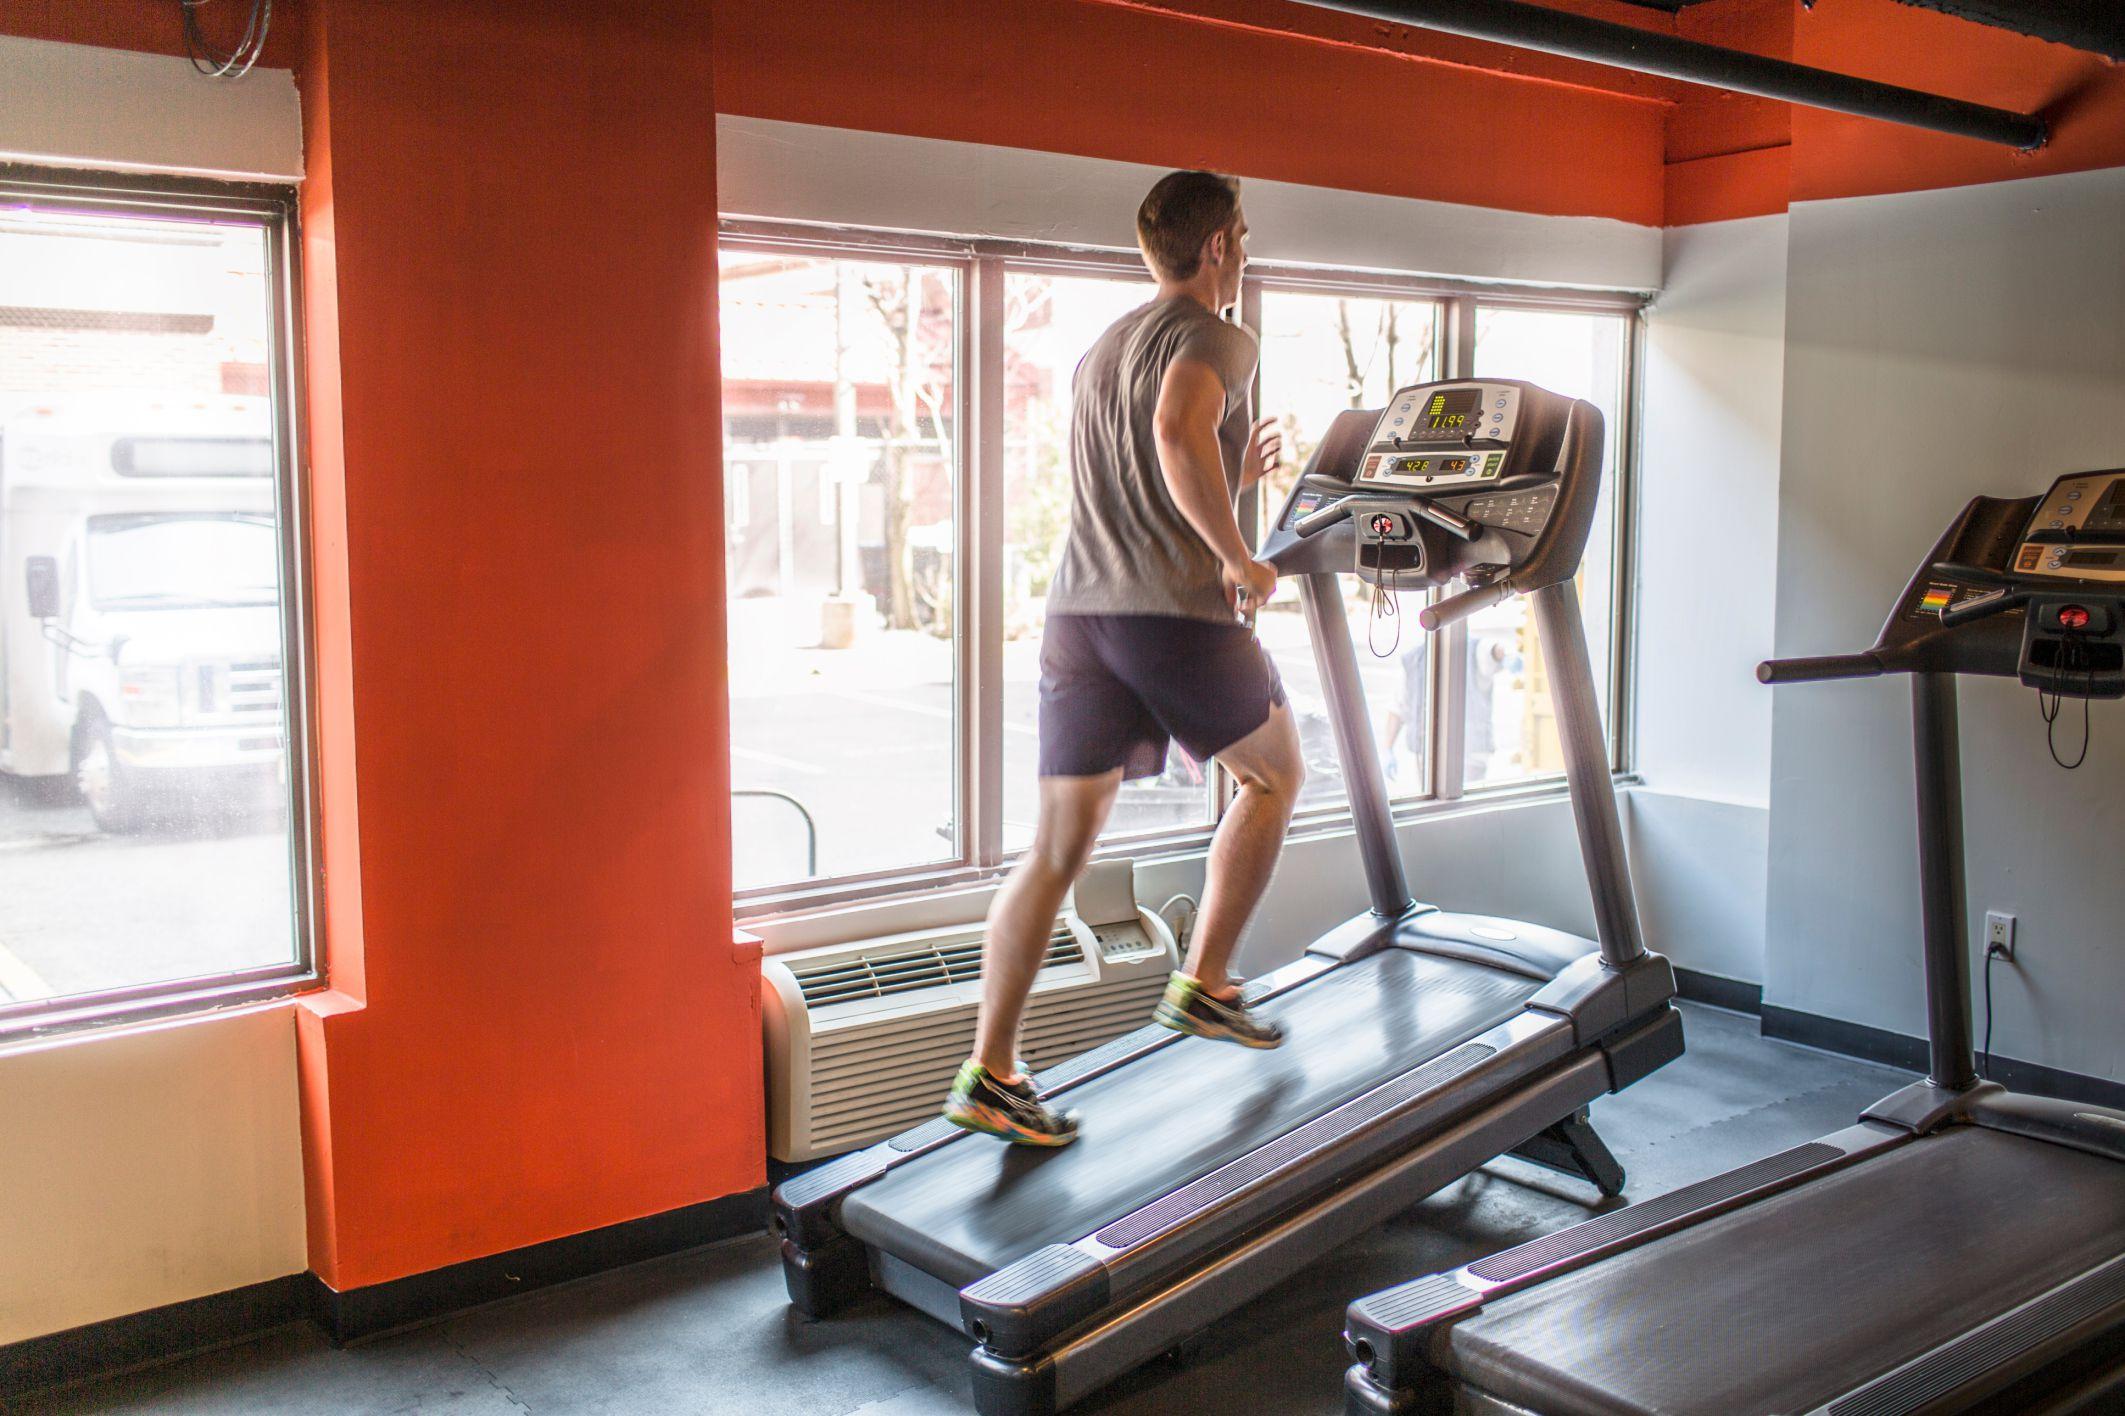 О ходьбе на дорожке для бега для похудения: как правильно ходить женщинам